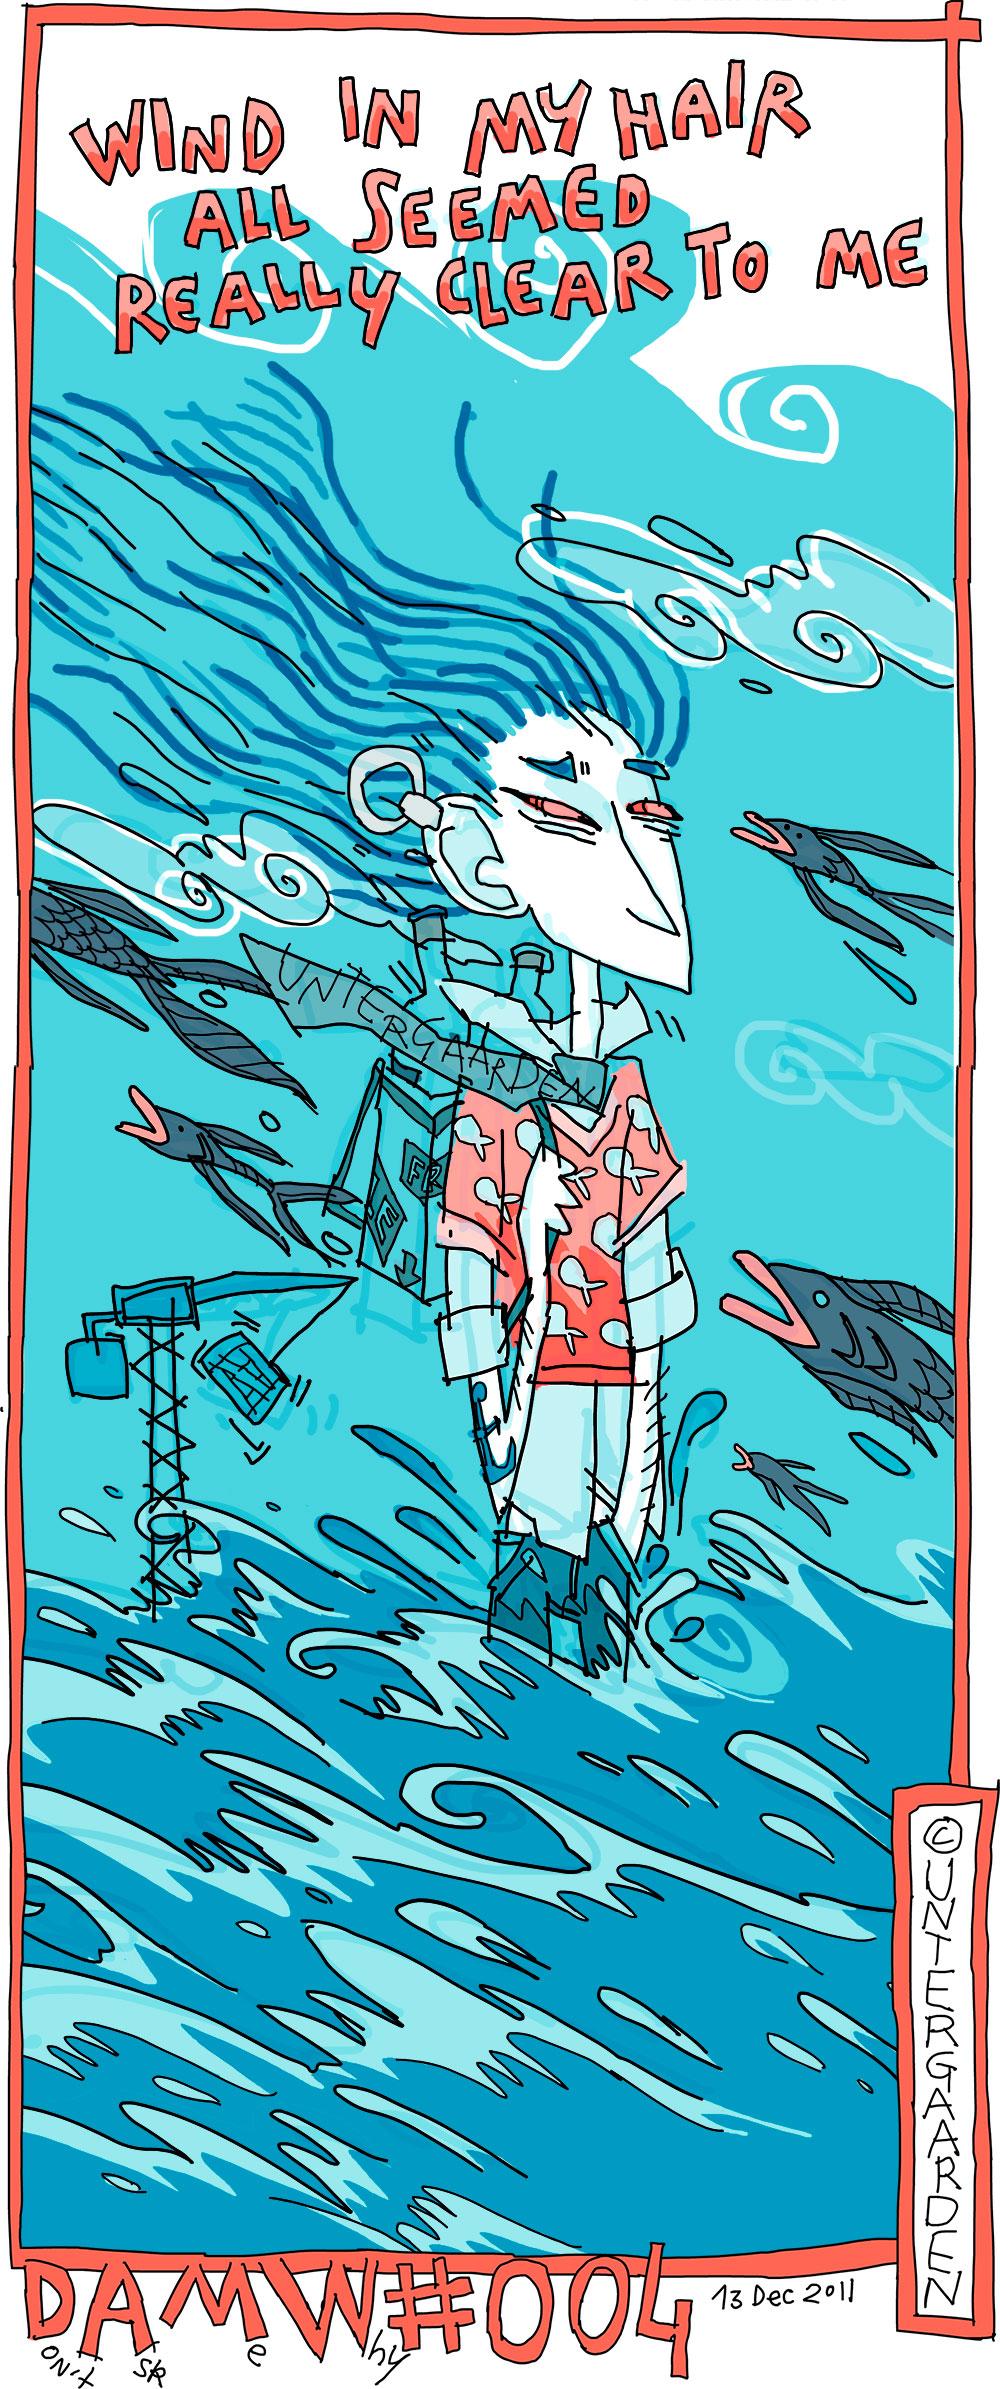 Cheveux au vent, poissons volant, doute dans le sang